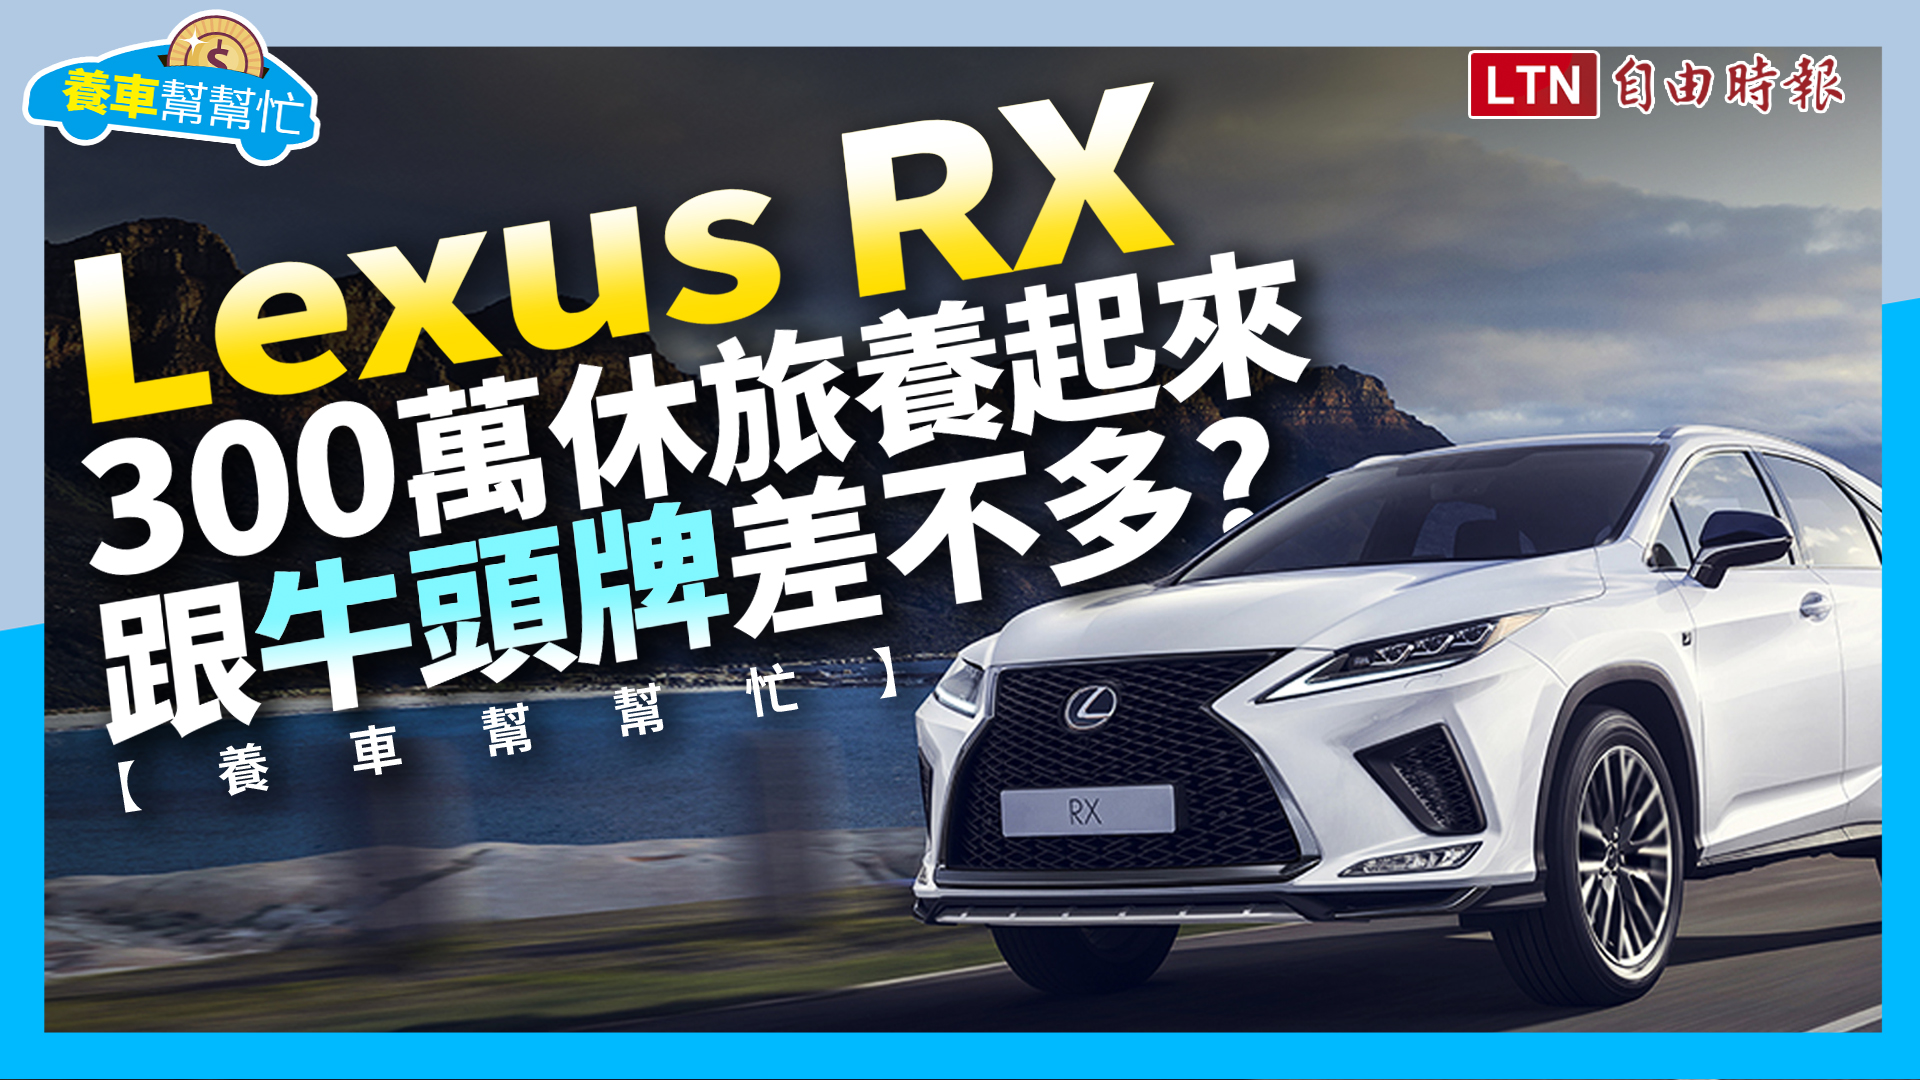 【養車幫幫忙】保養不輸國產車 Lexus RX養車成本+改款動向剖析